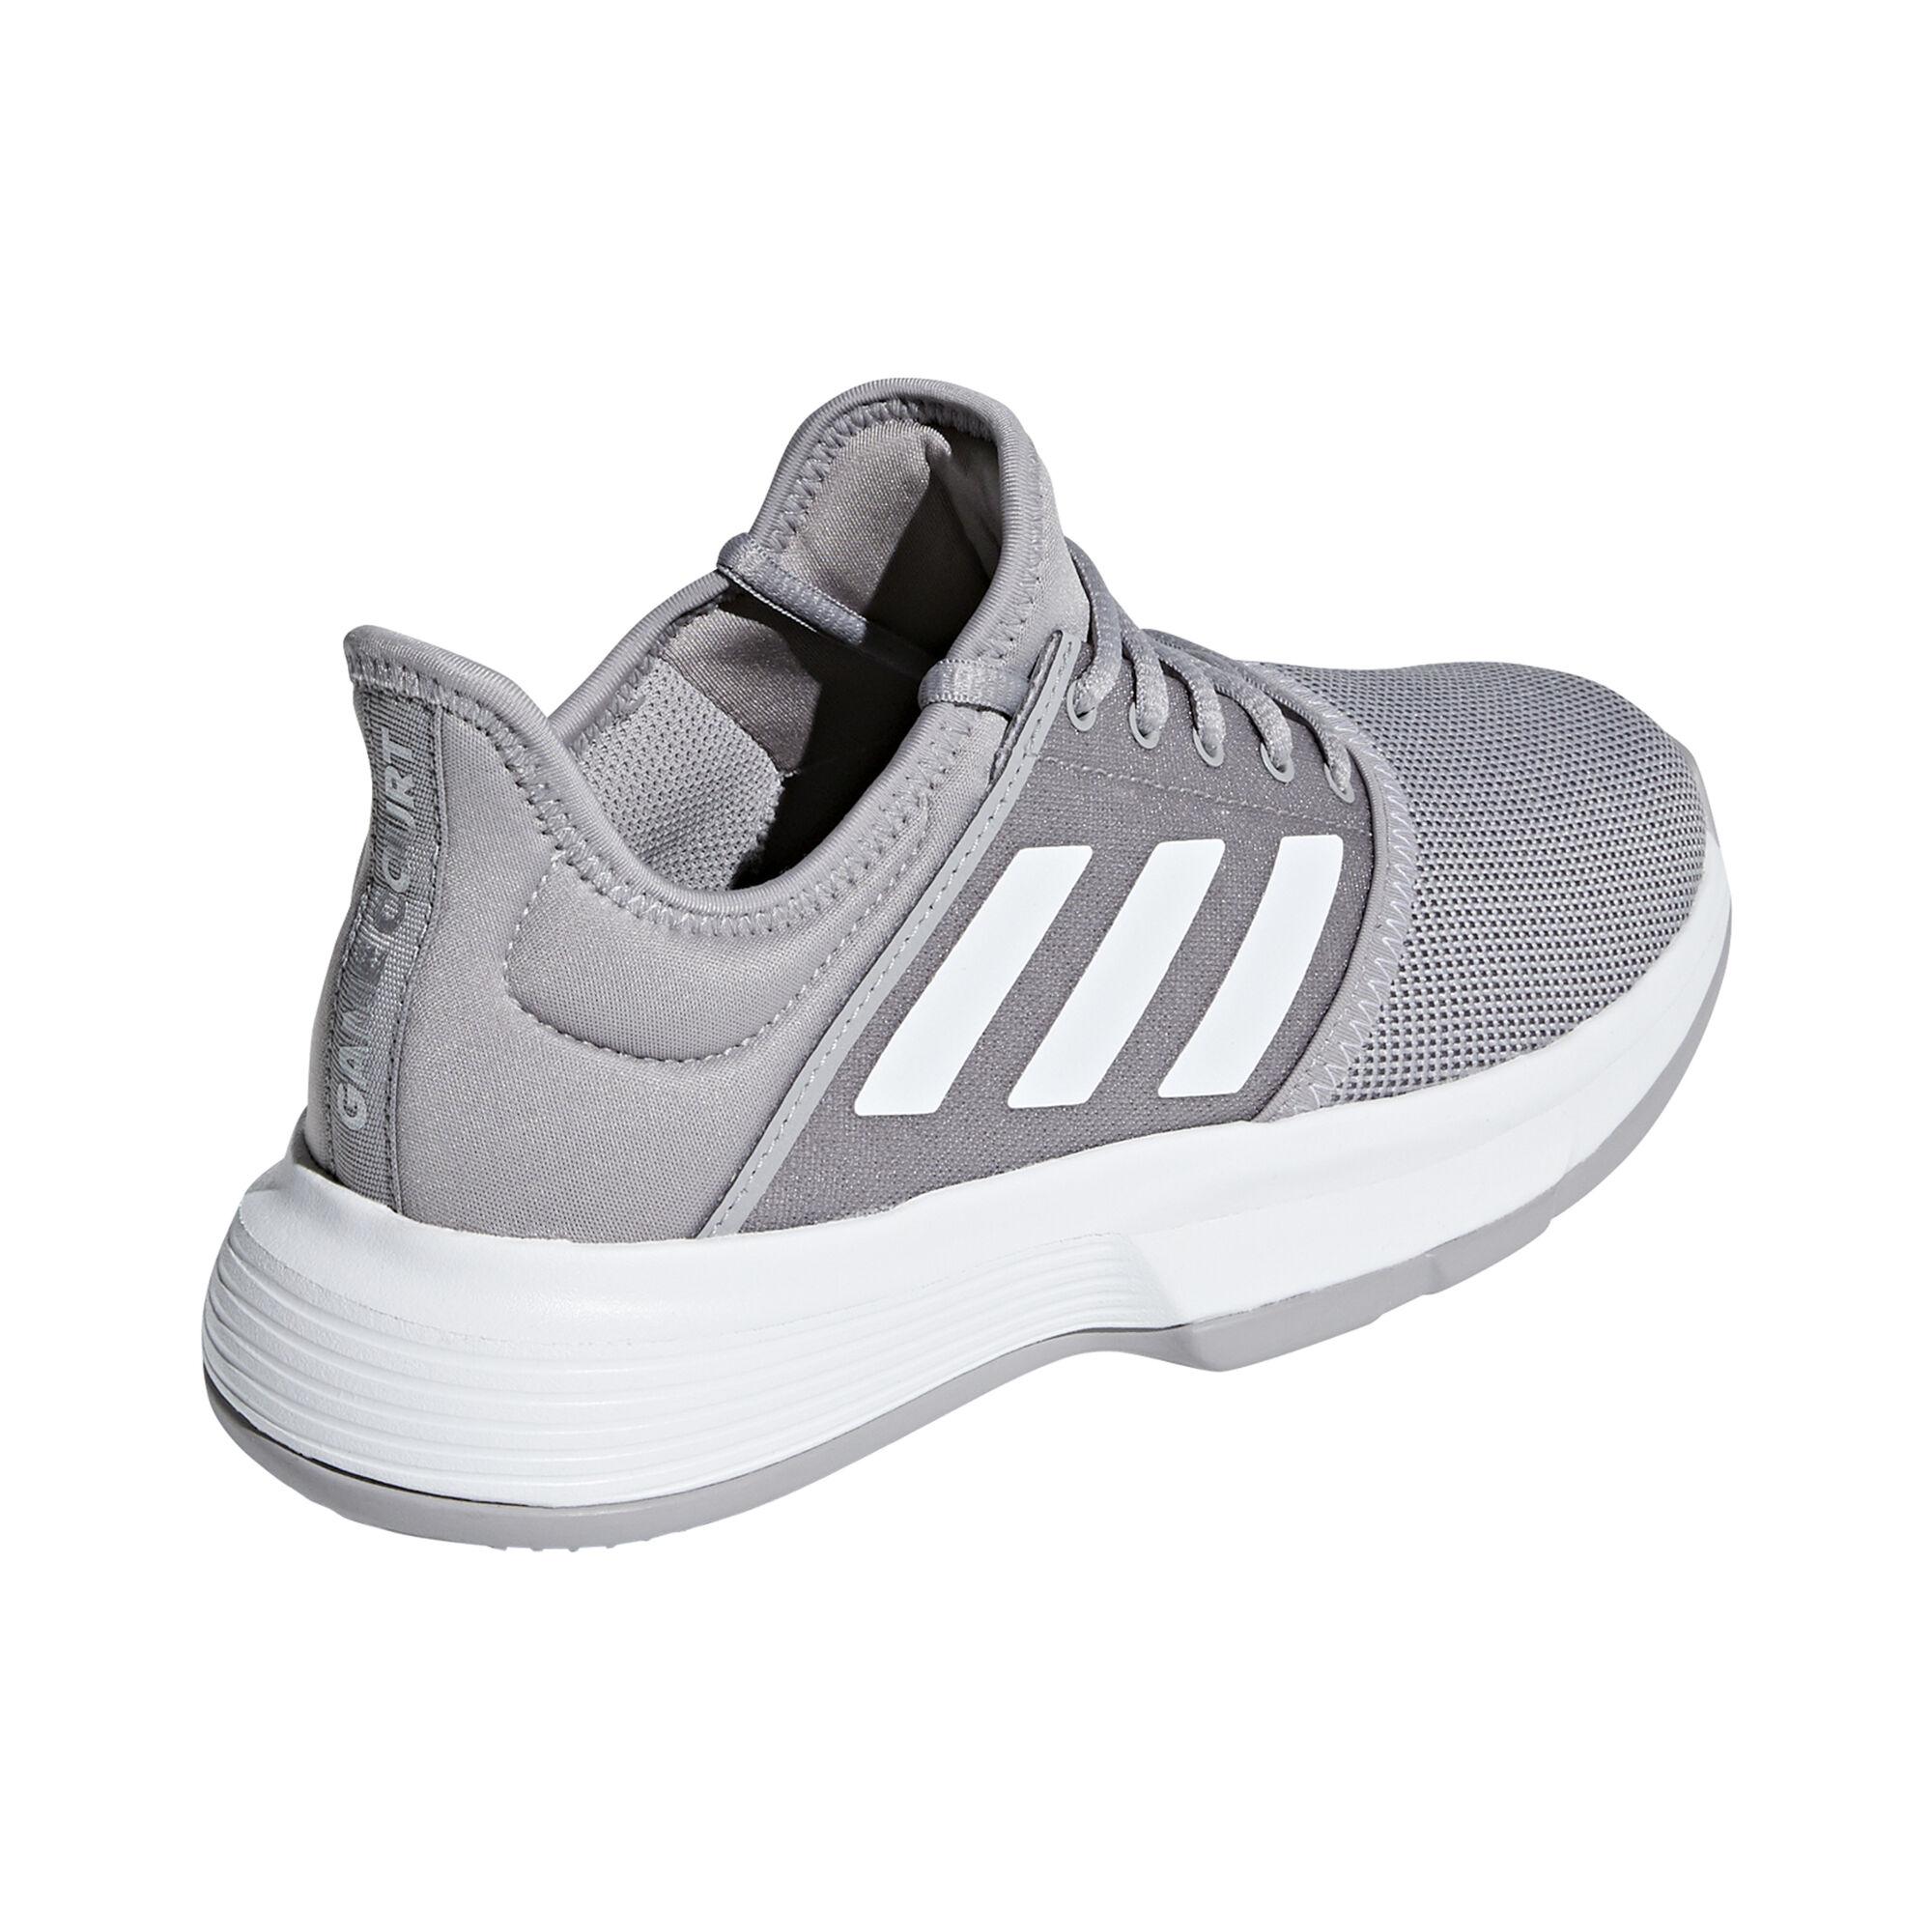 d1991dc769f1b adidas Game Court Chaussure Tout Terrain Femmes - Gris Clair , Gris ...